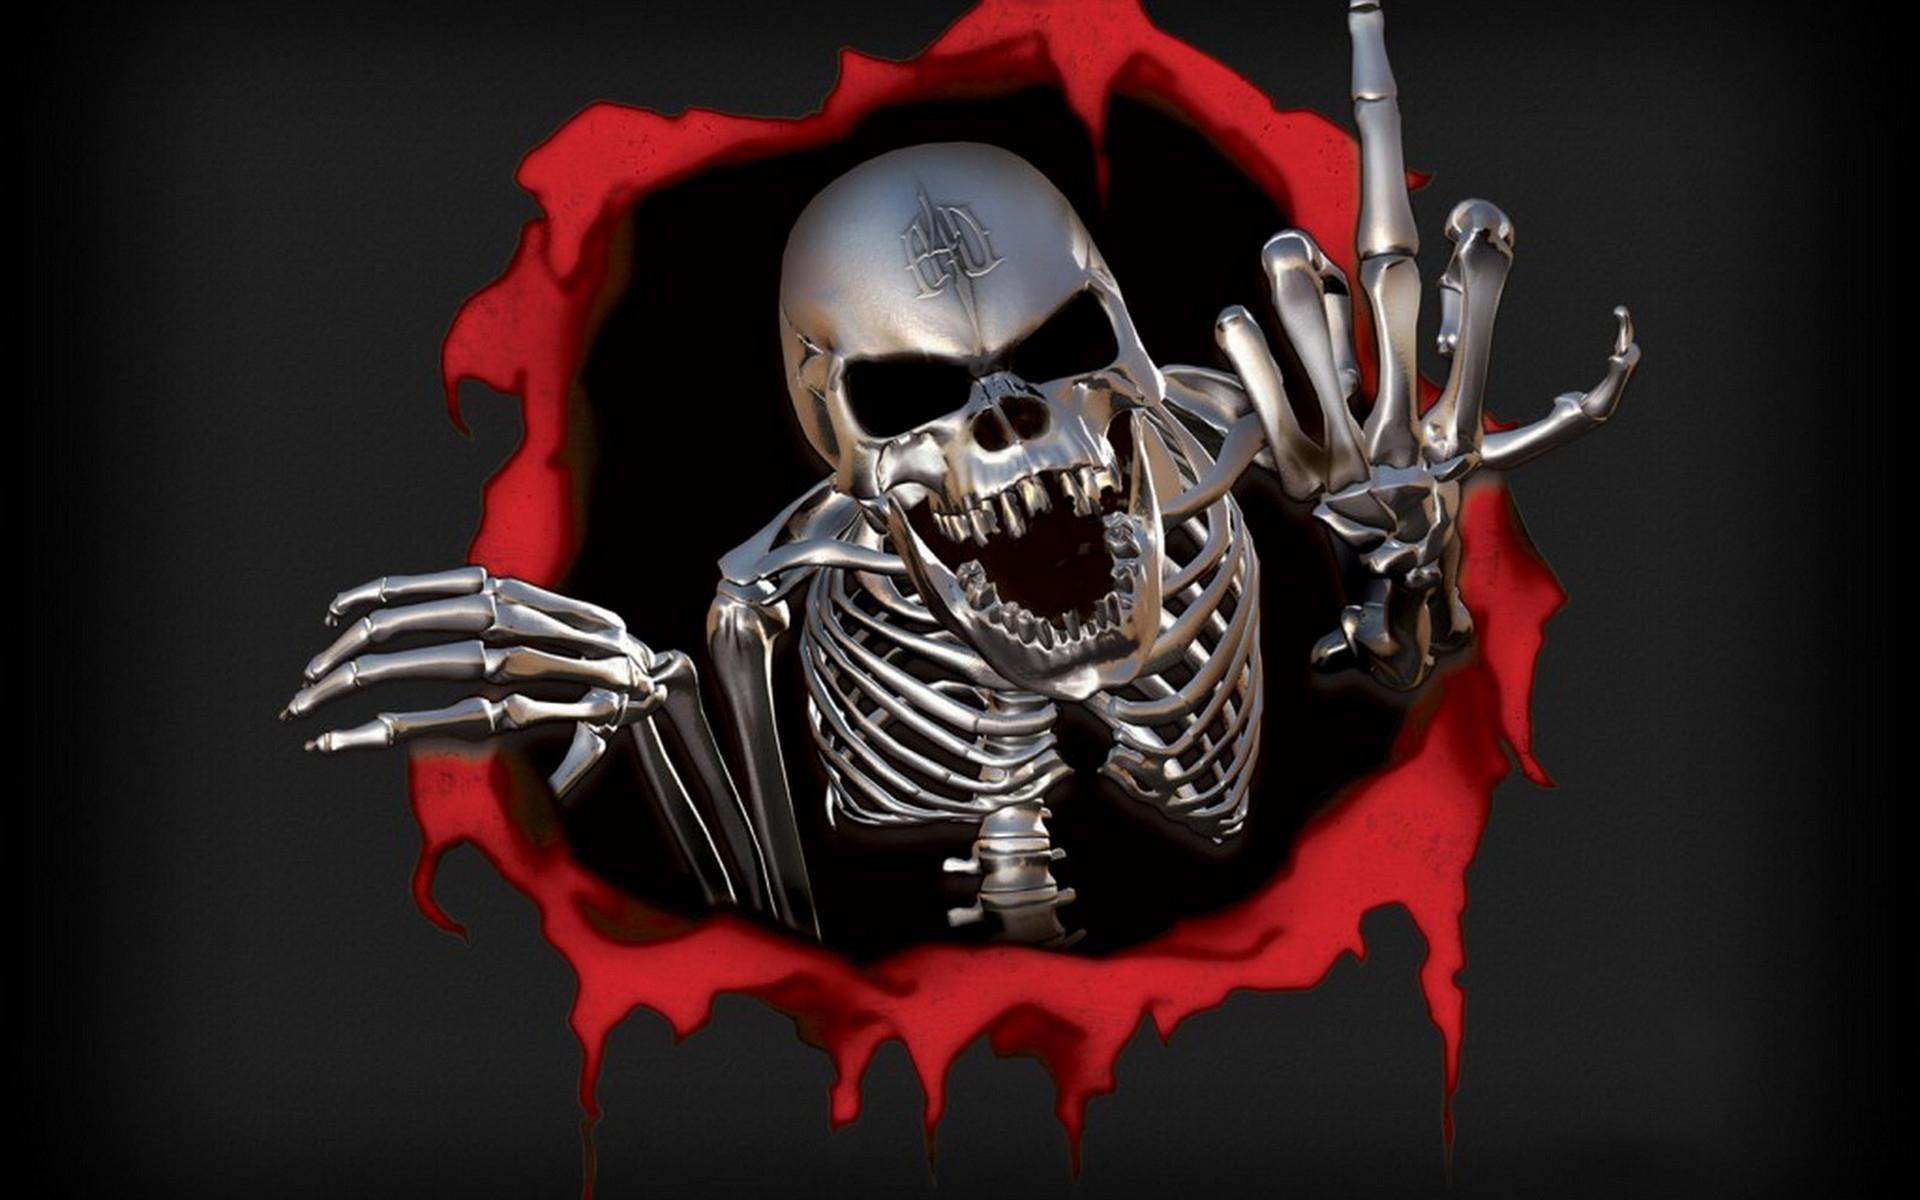 Monstr fuk blood pic xxx pics